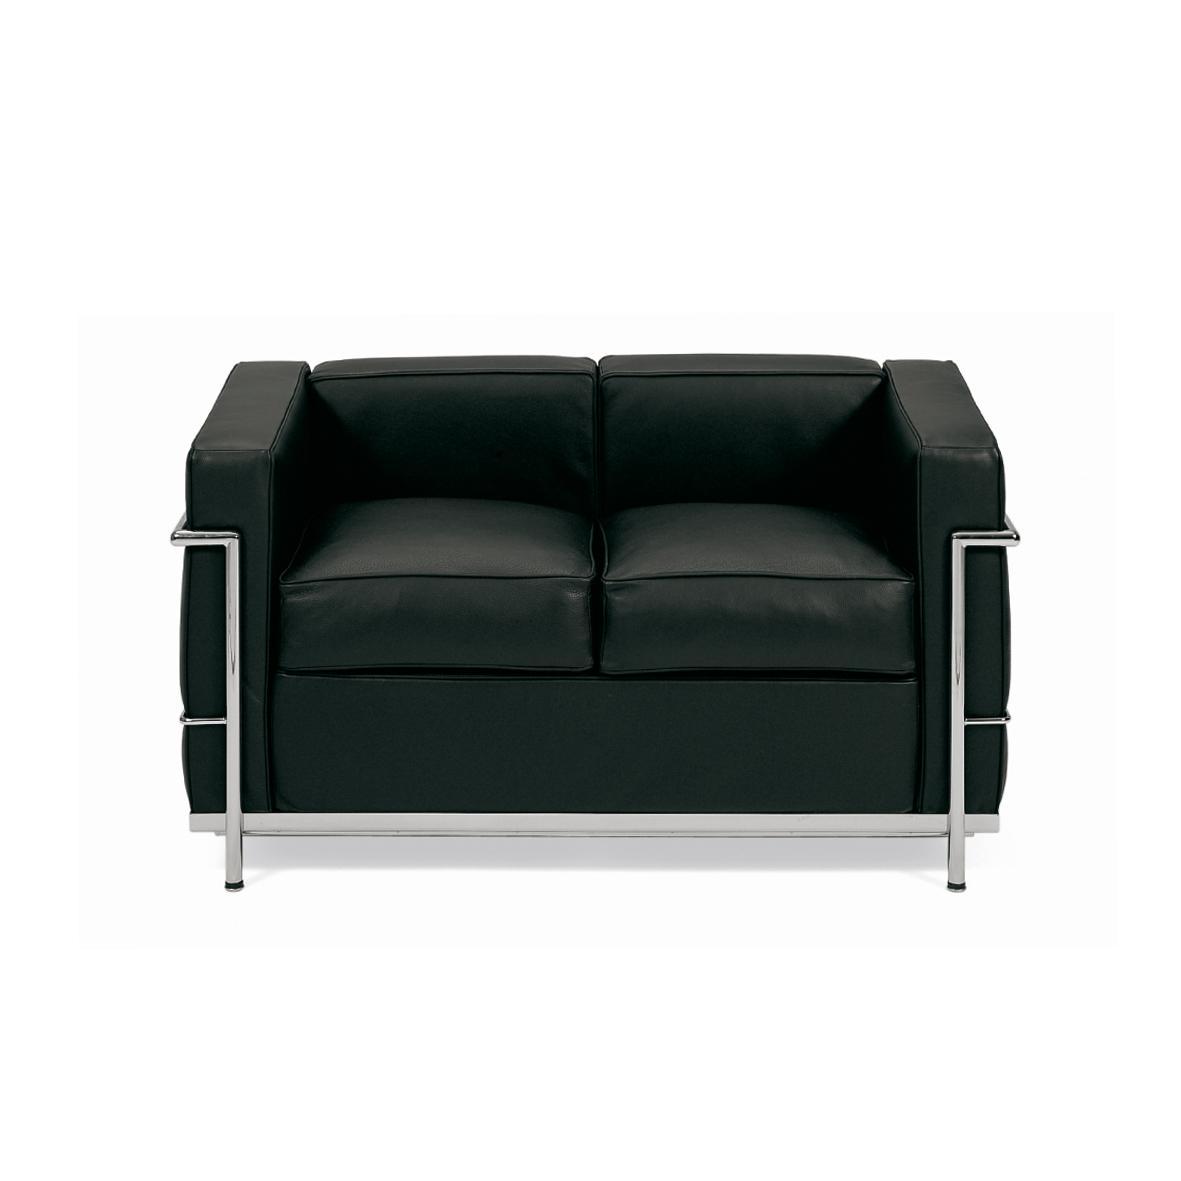 LUX100/2 Le Corbusier - Divano 2 posti con cuscini im - @posar2015...